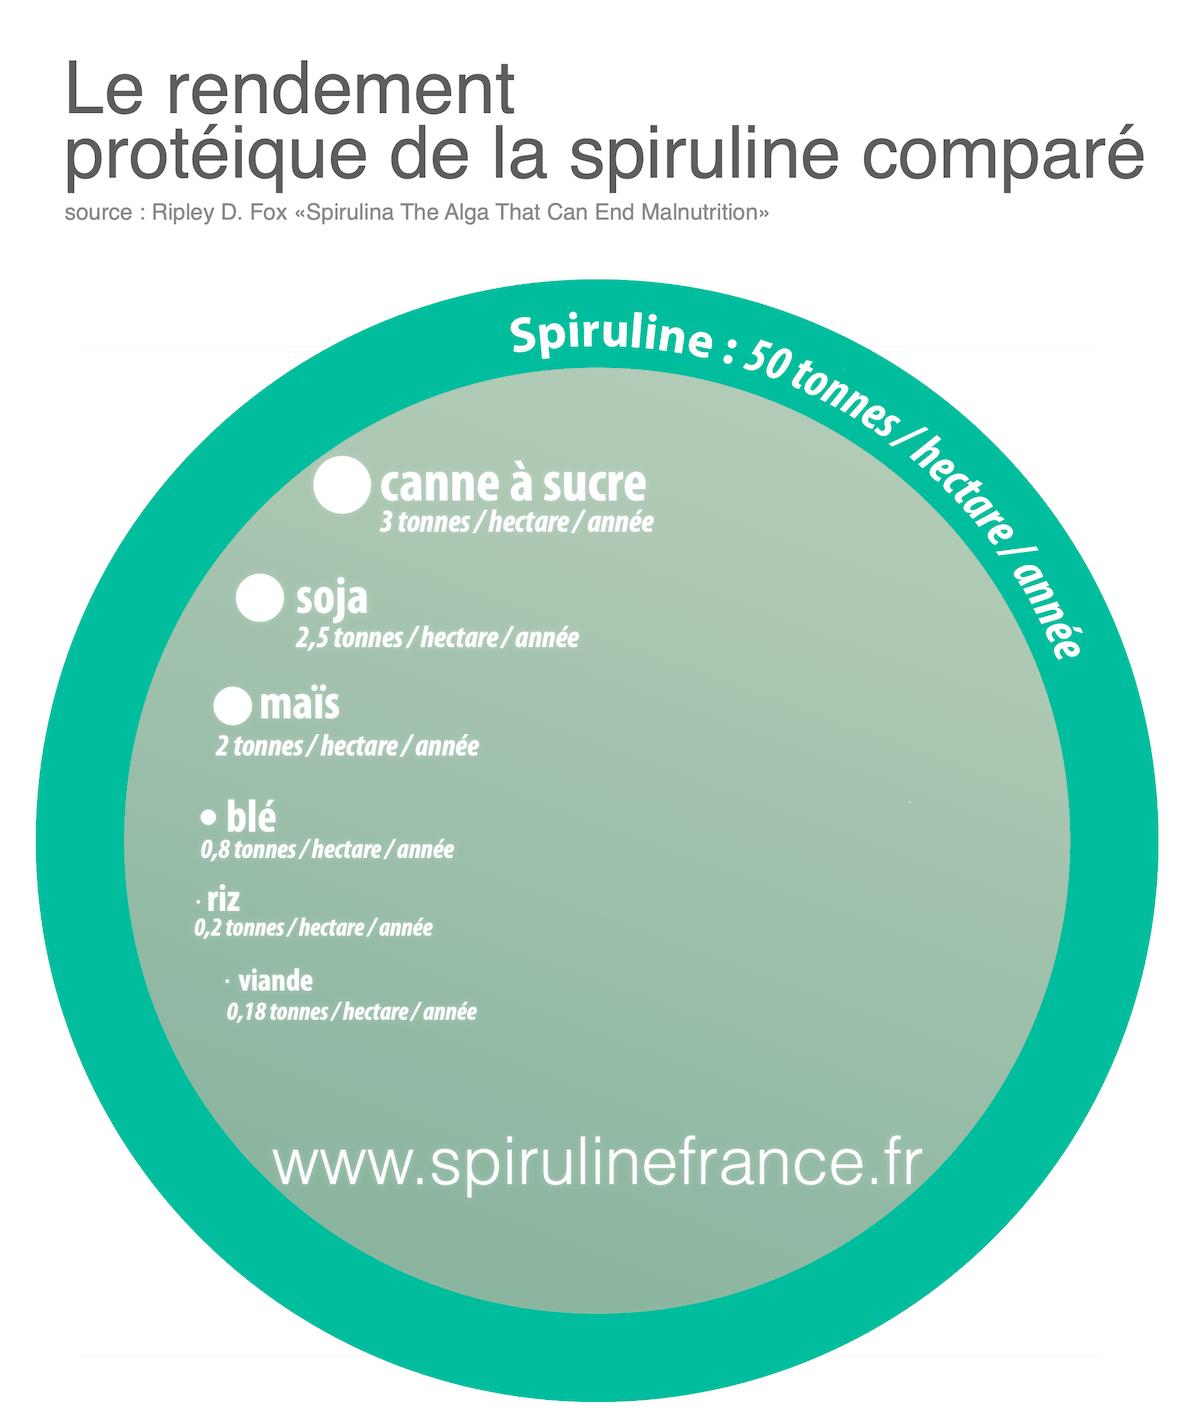 rendement protéique de la spiruline